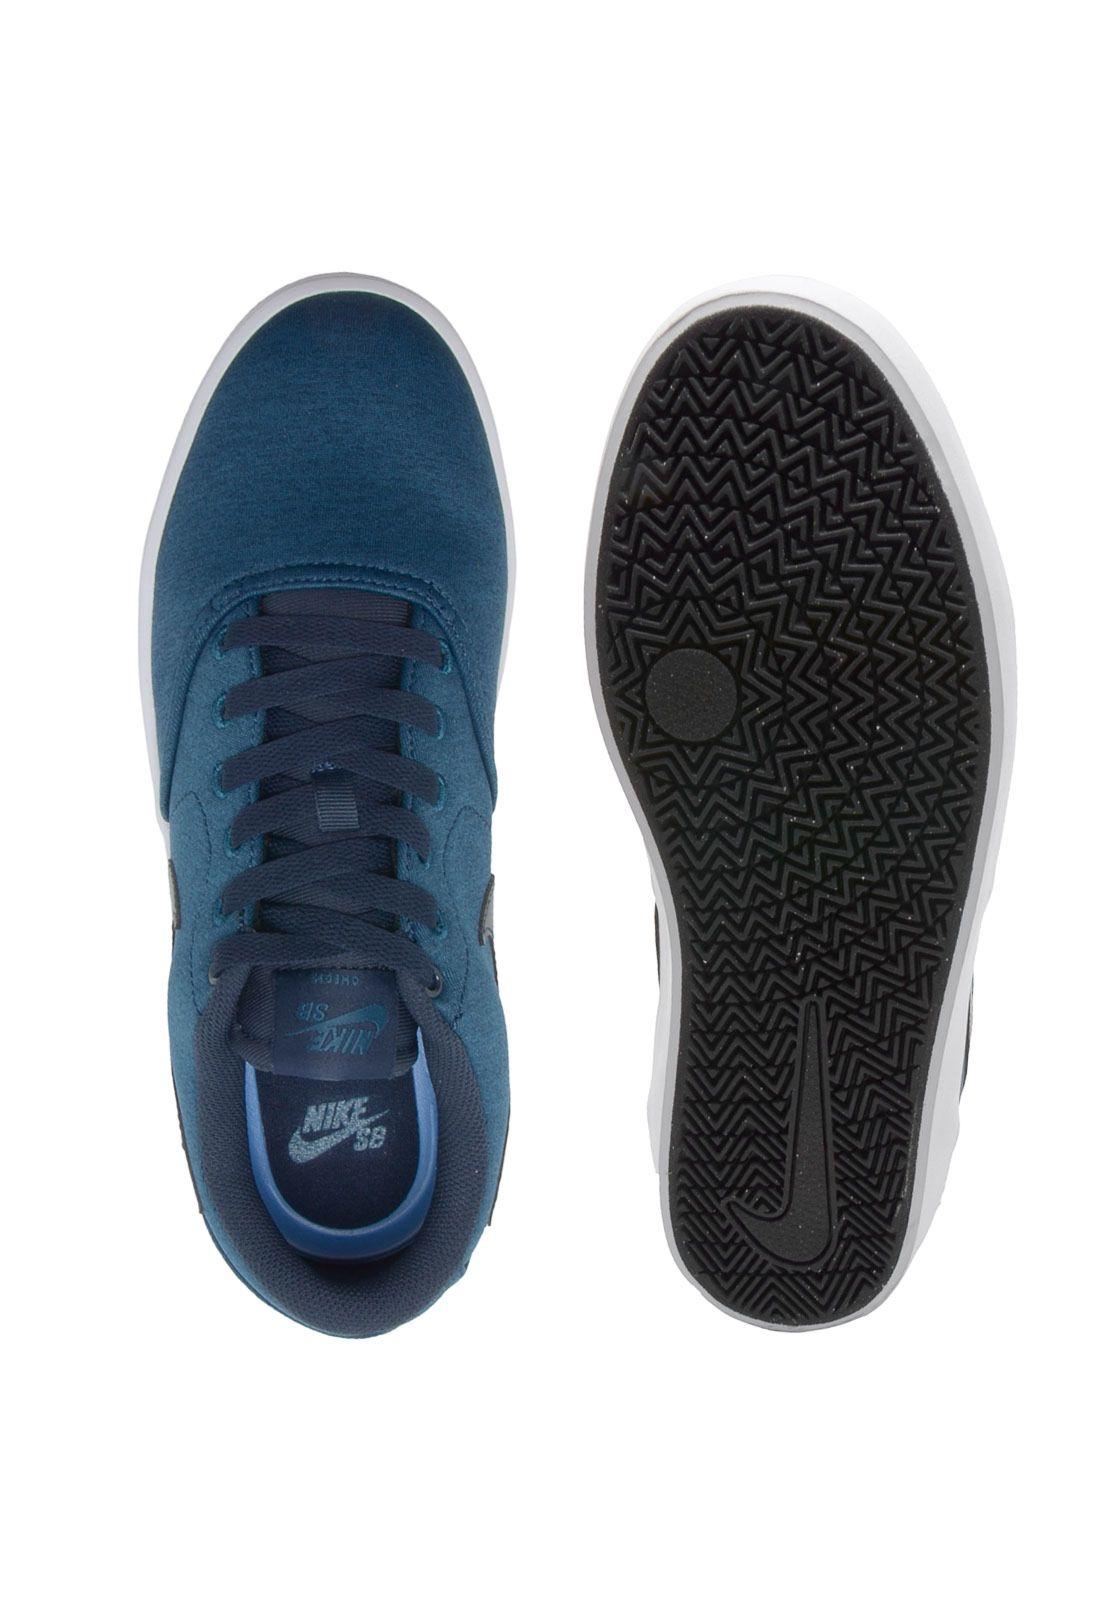 Tenis Nike Sb Check Solar Cnvs Prm Azul Nike Sb Tenis Nike Sb Check Tenis Nike Sb